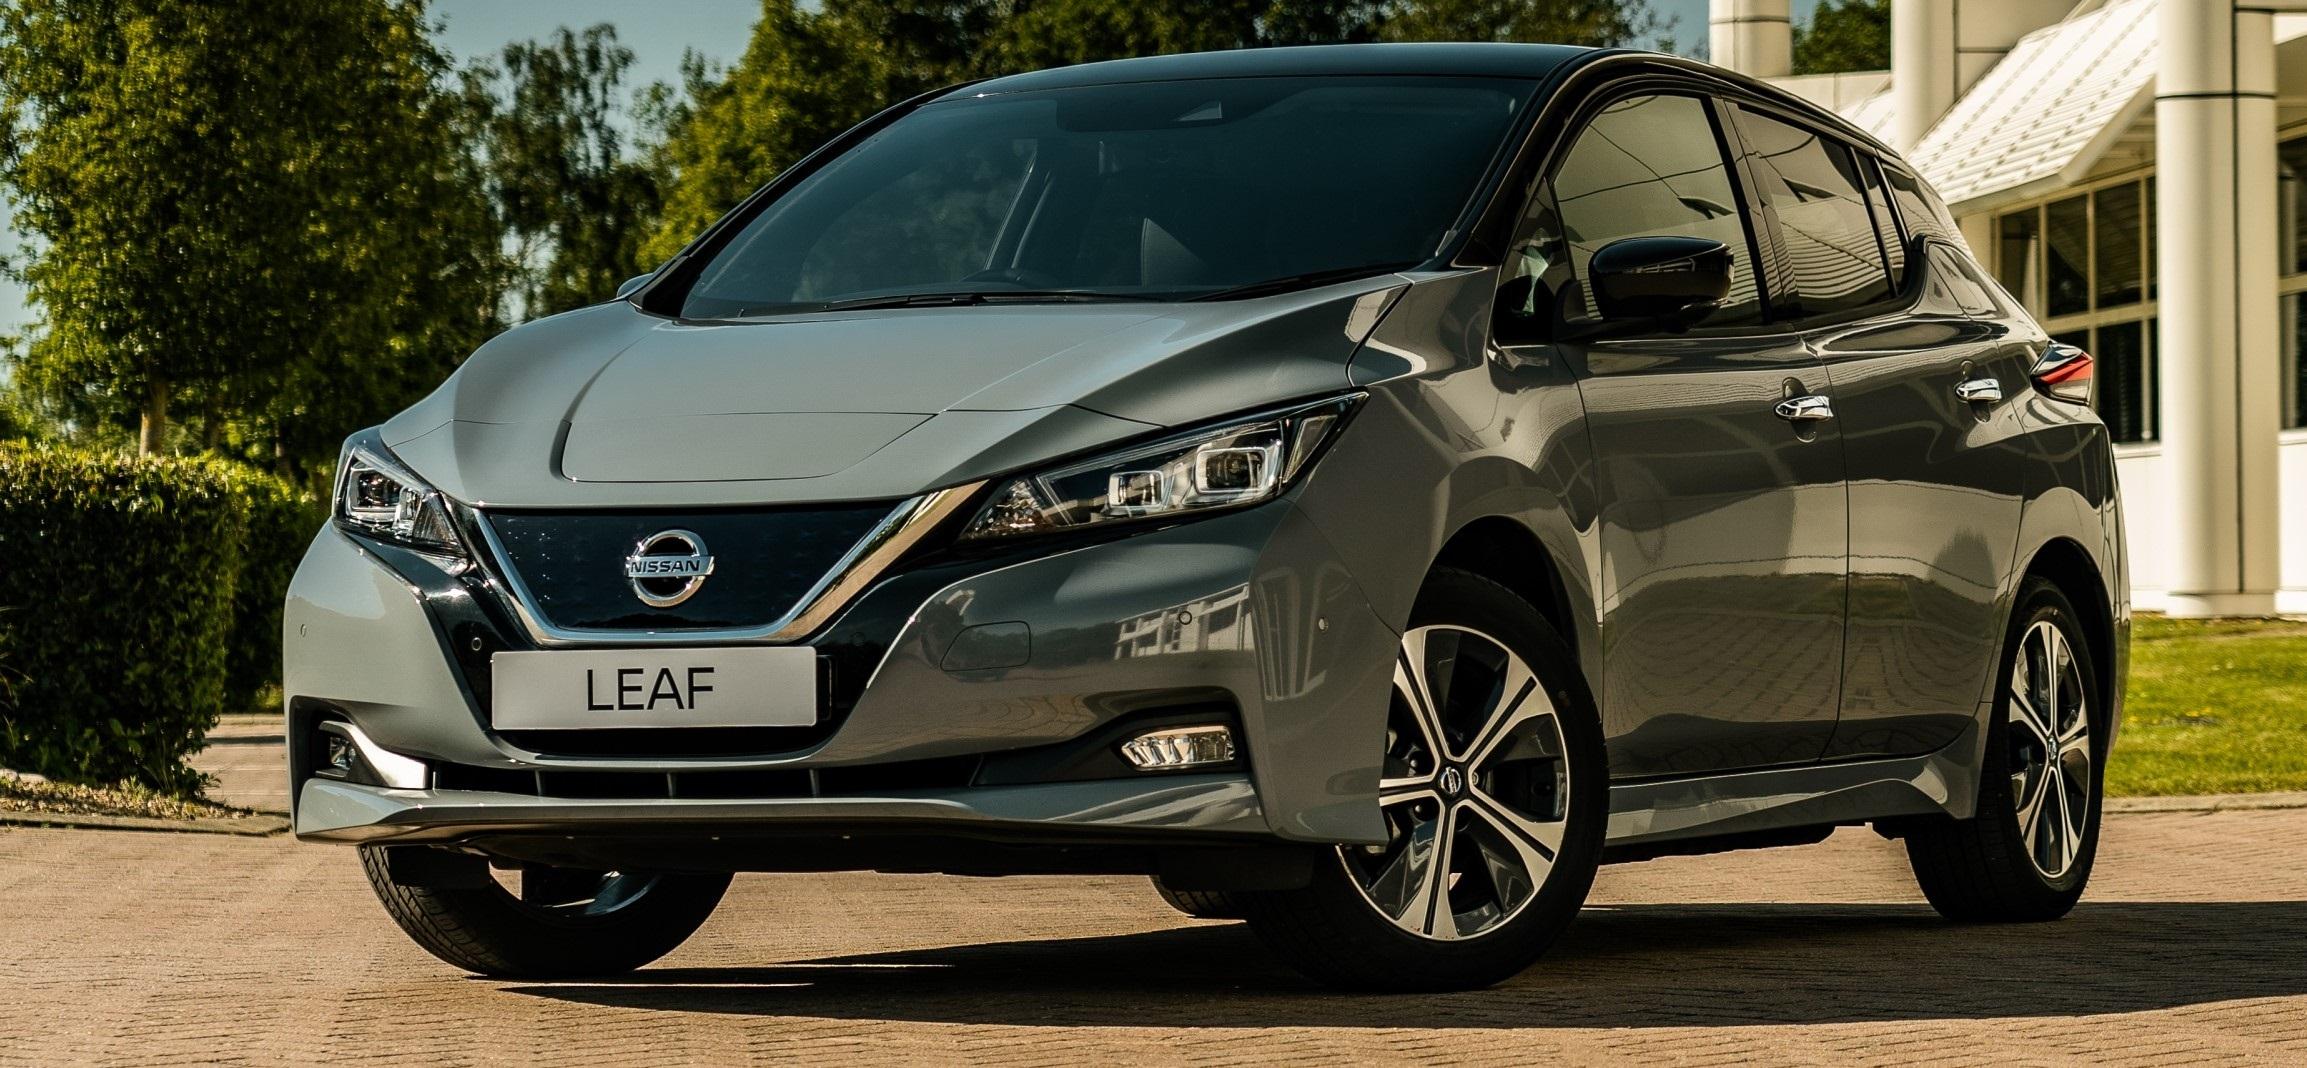 Nissan Leaf update impresses